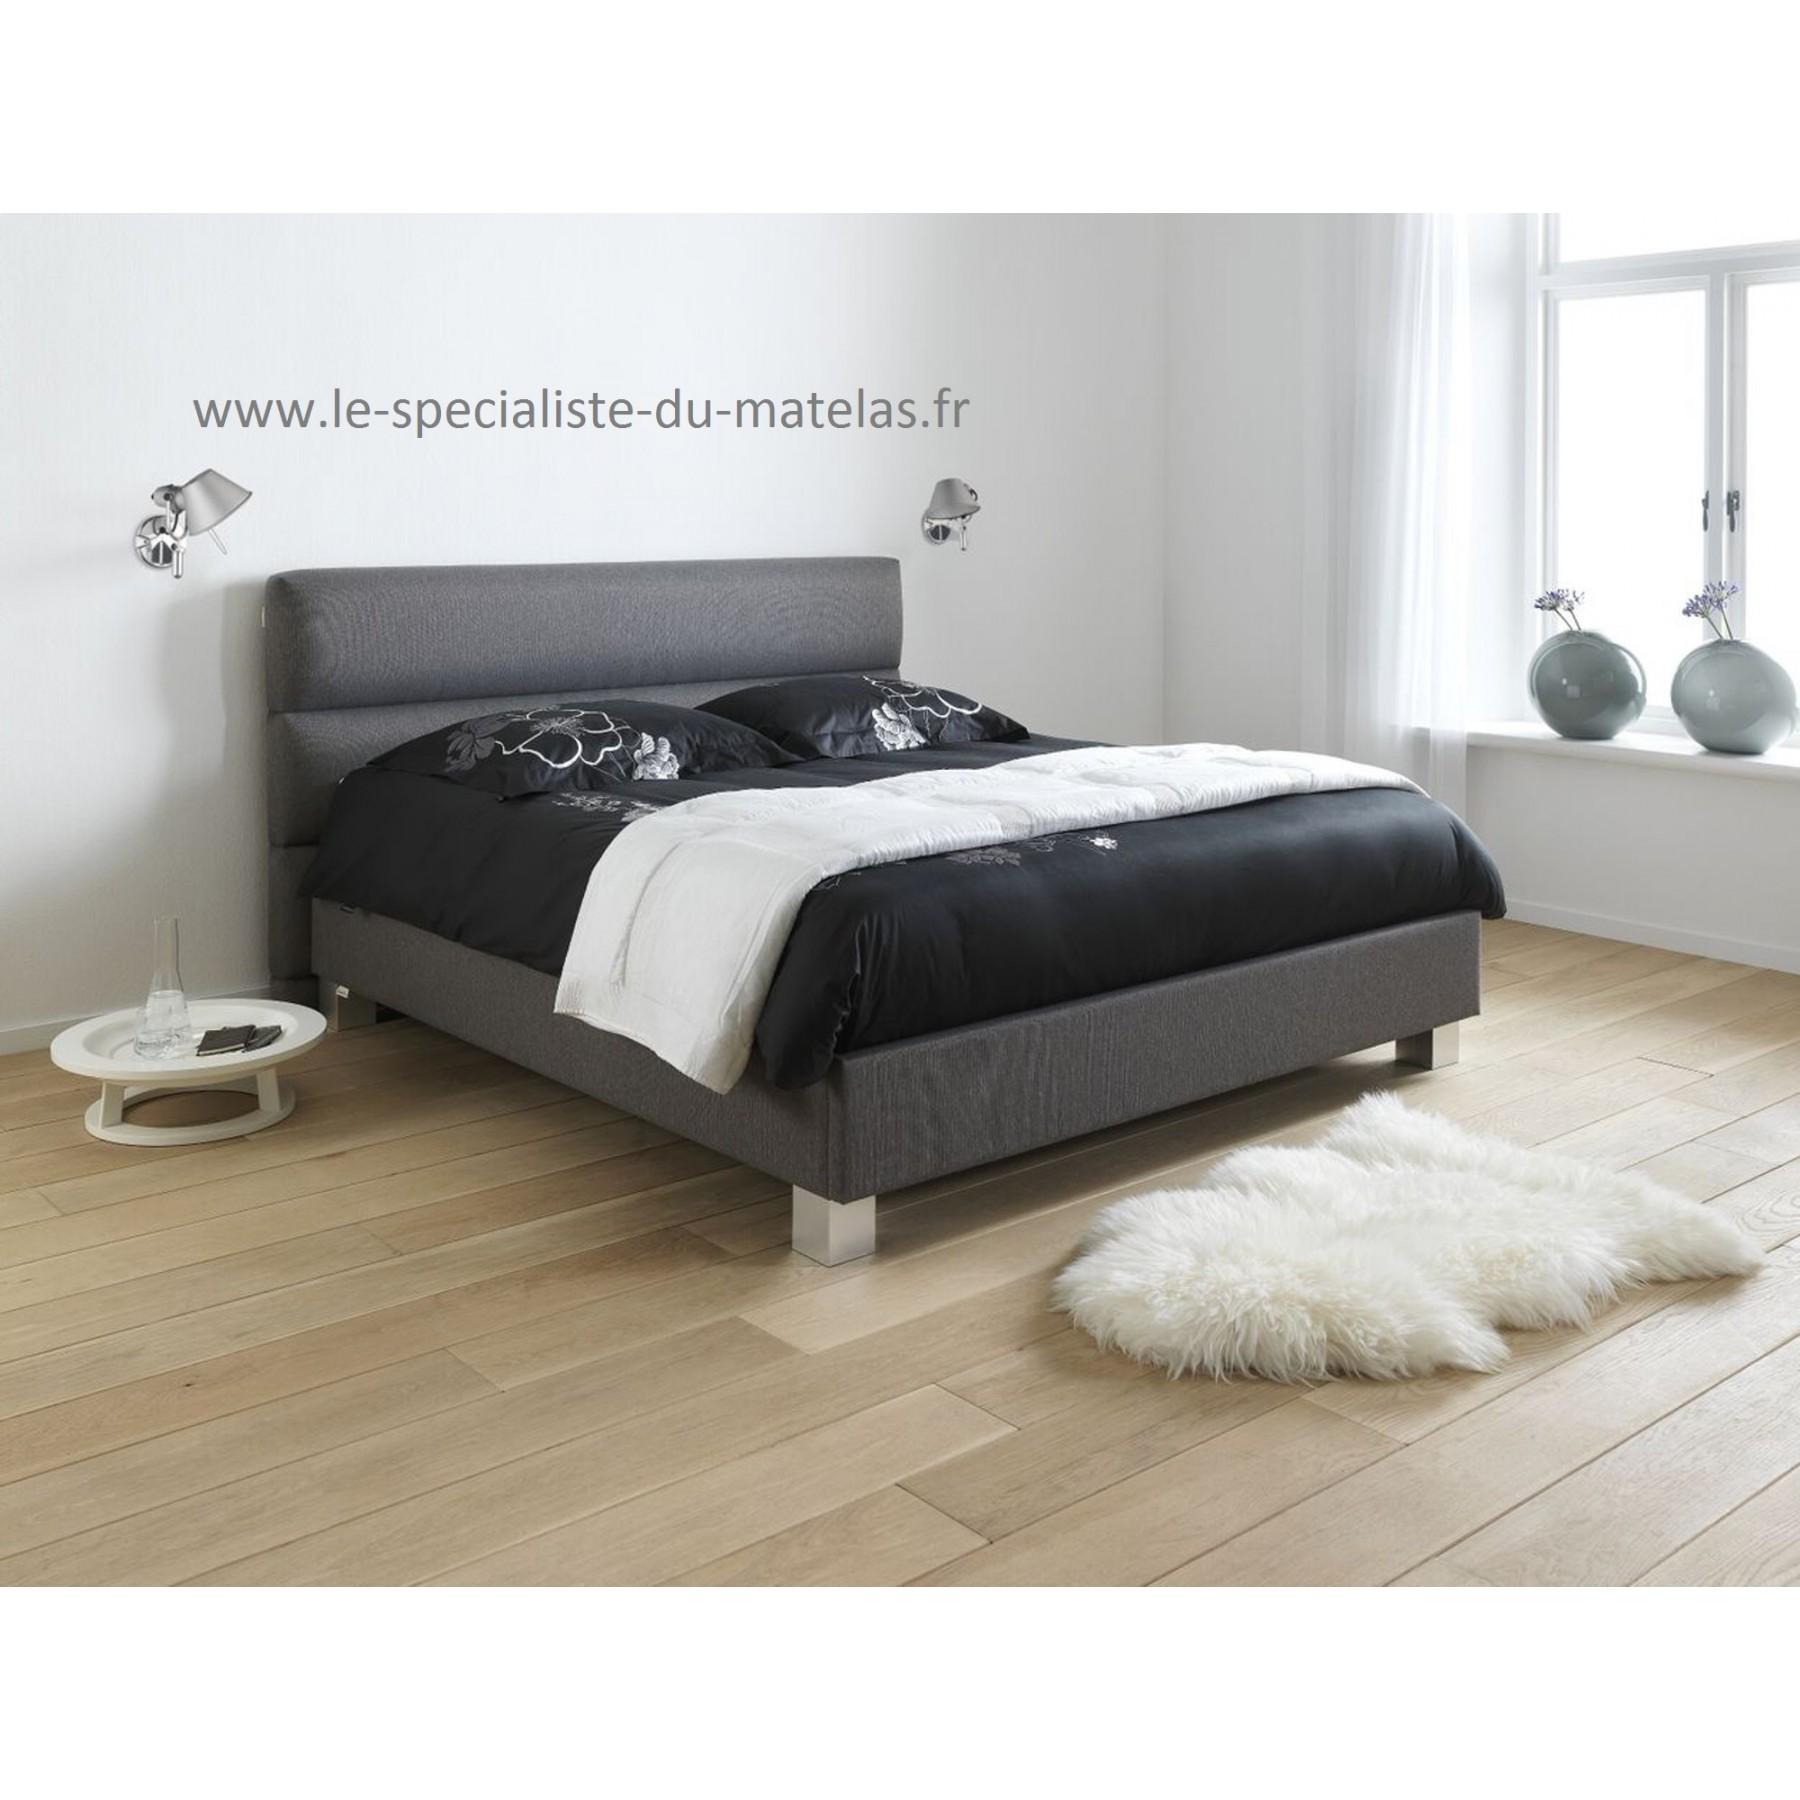 promotion literie tempur. Black Bedroom Furniture Sets. Home Design Ideas